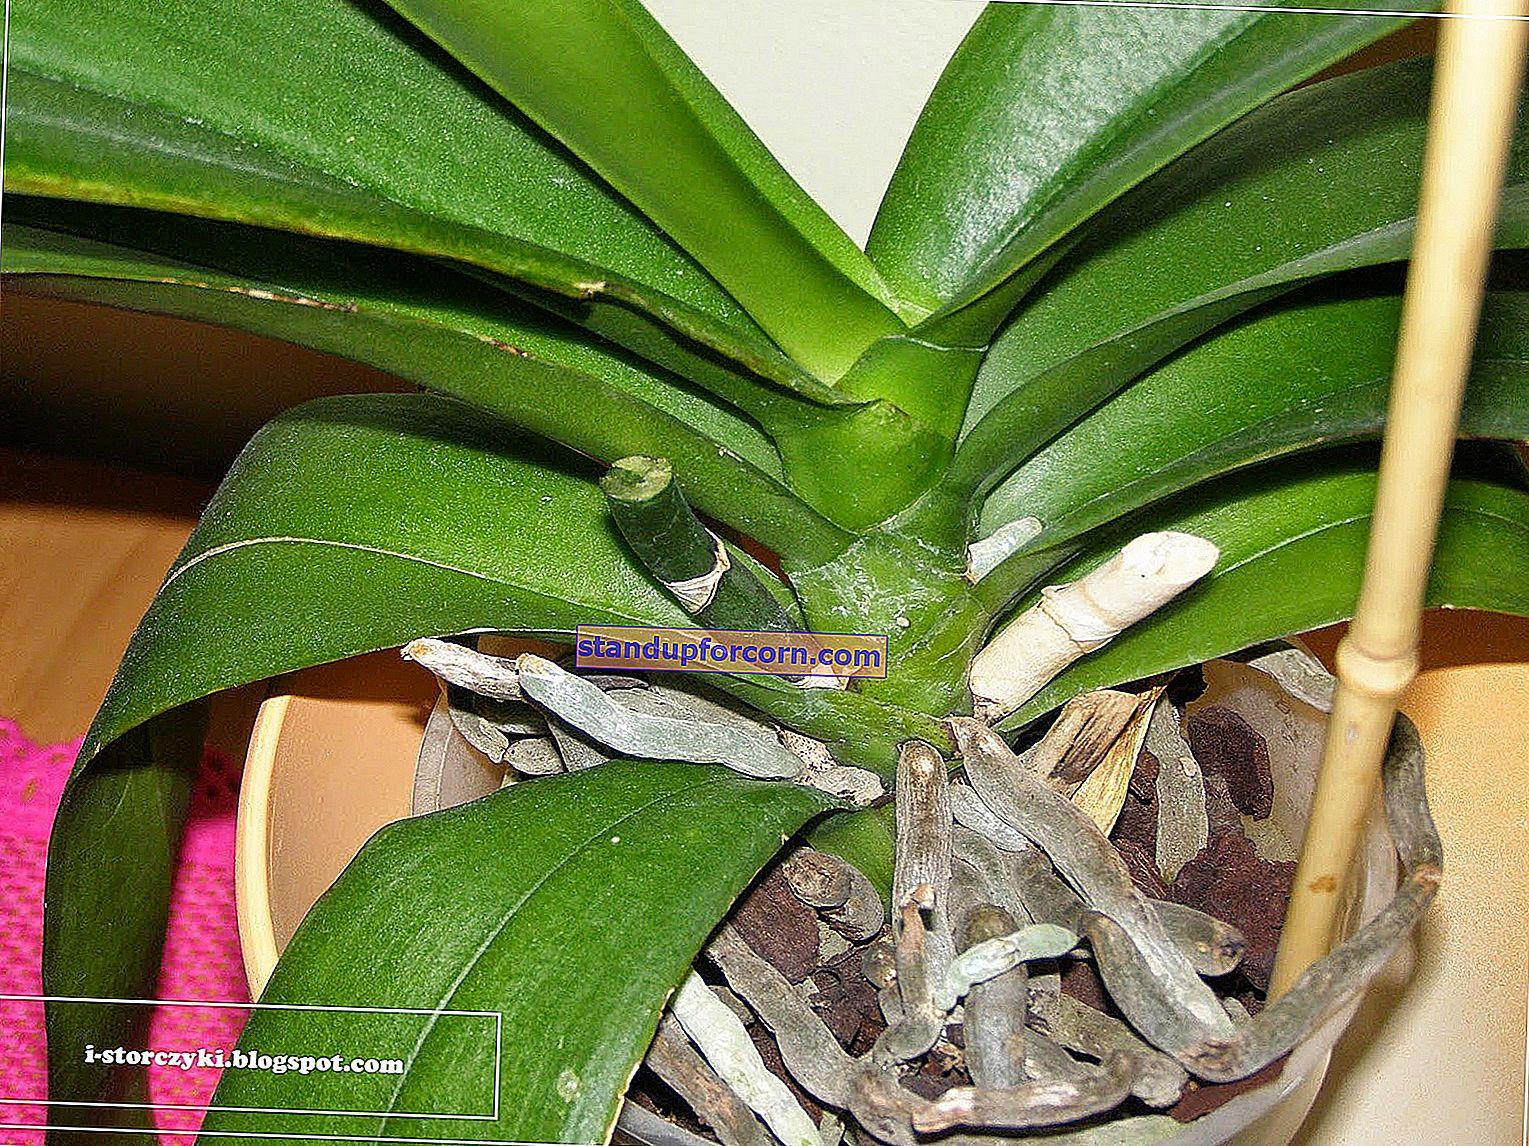 Çiçeklenme sonrası orkide bakımı